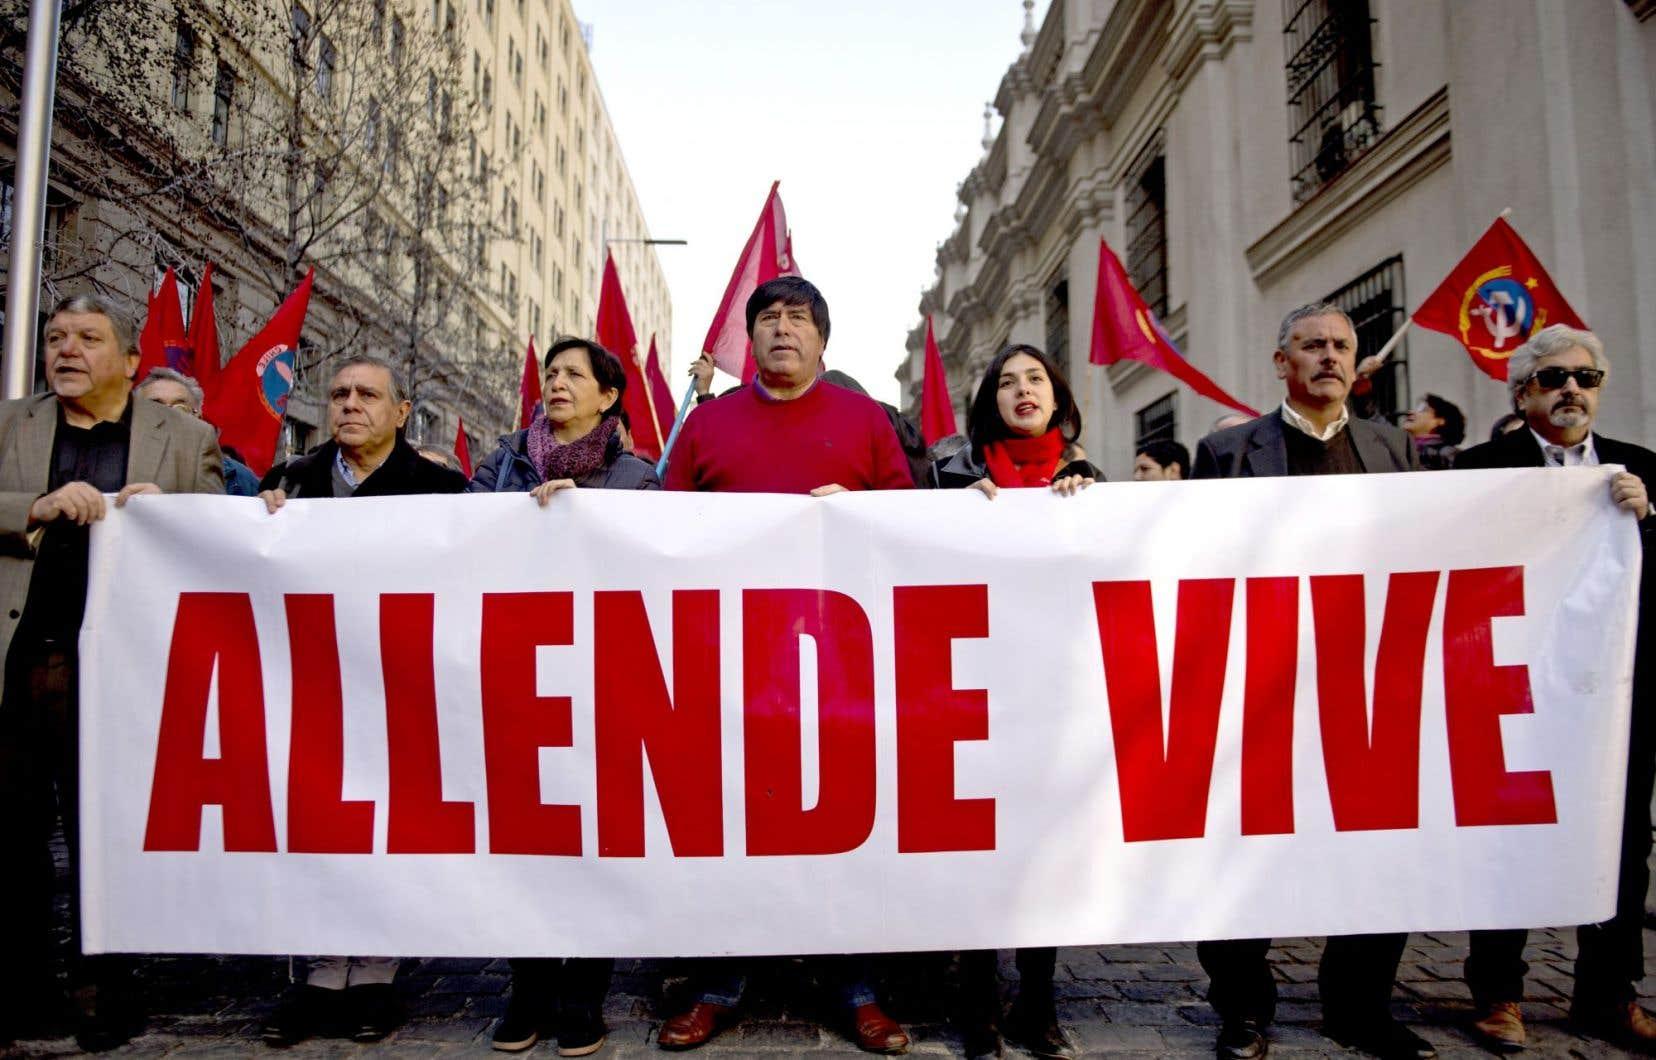 Des activistes lors d'un rassemblement commémorant le 42e anniversaire du coup d'État au Chili, le 11 septembre 2015. Sur l'affiche, on peut lire «Allende vit».